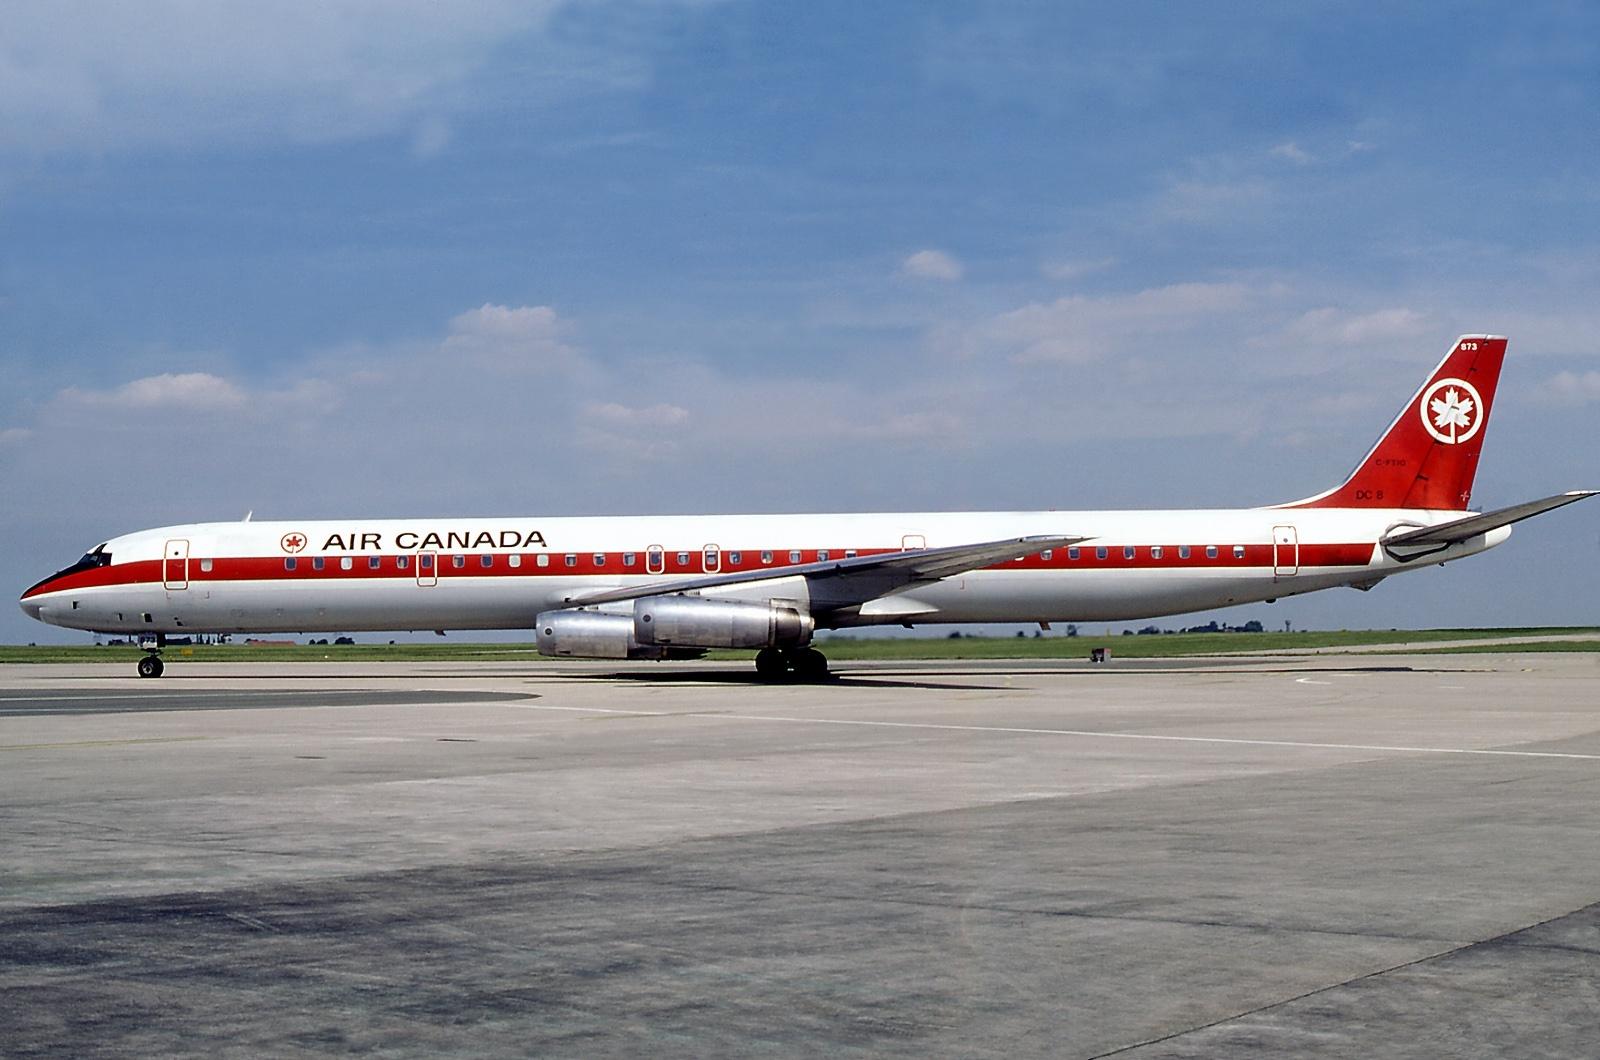 McDonnell_Douglas_DC-8-63,_Air_Canada_AN